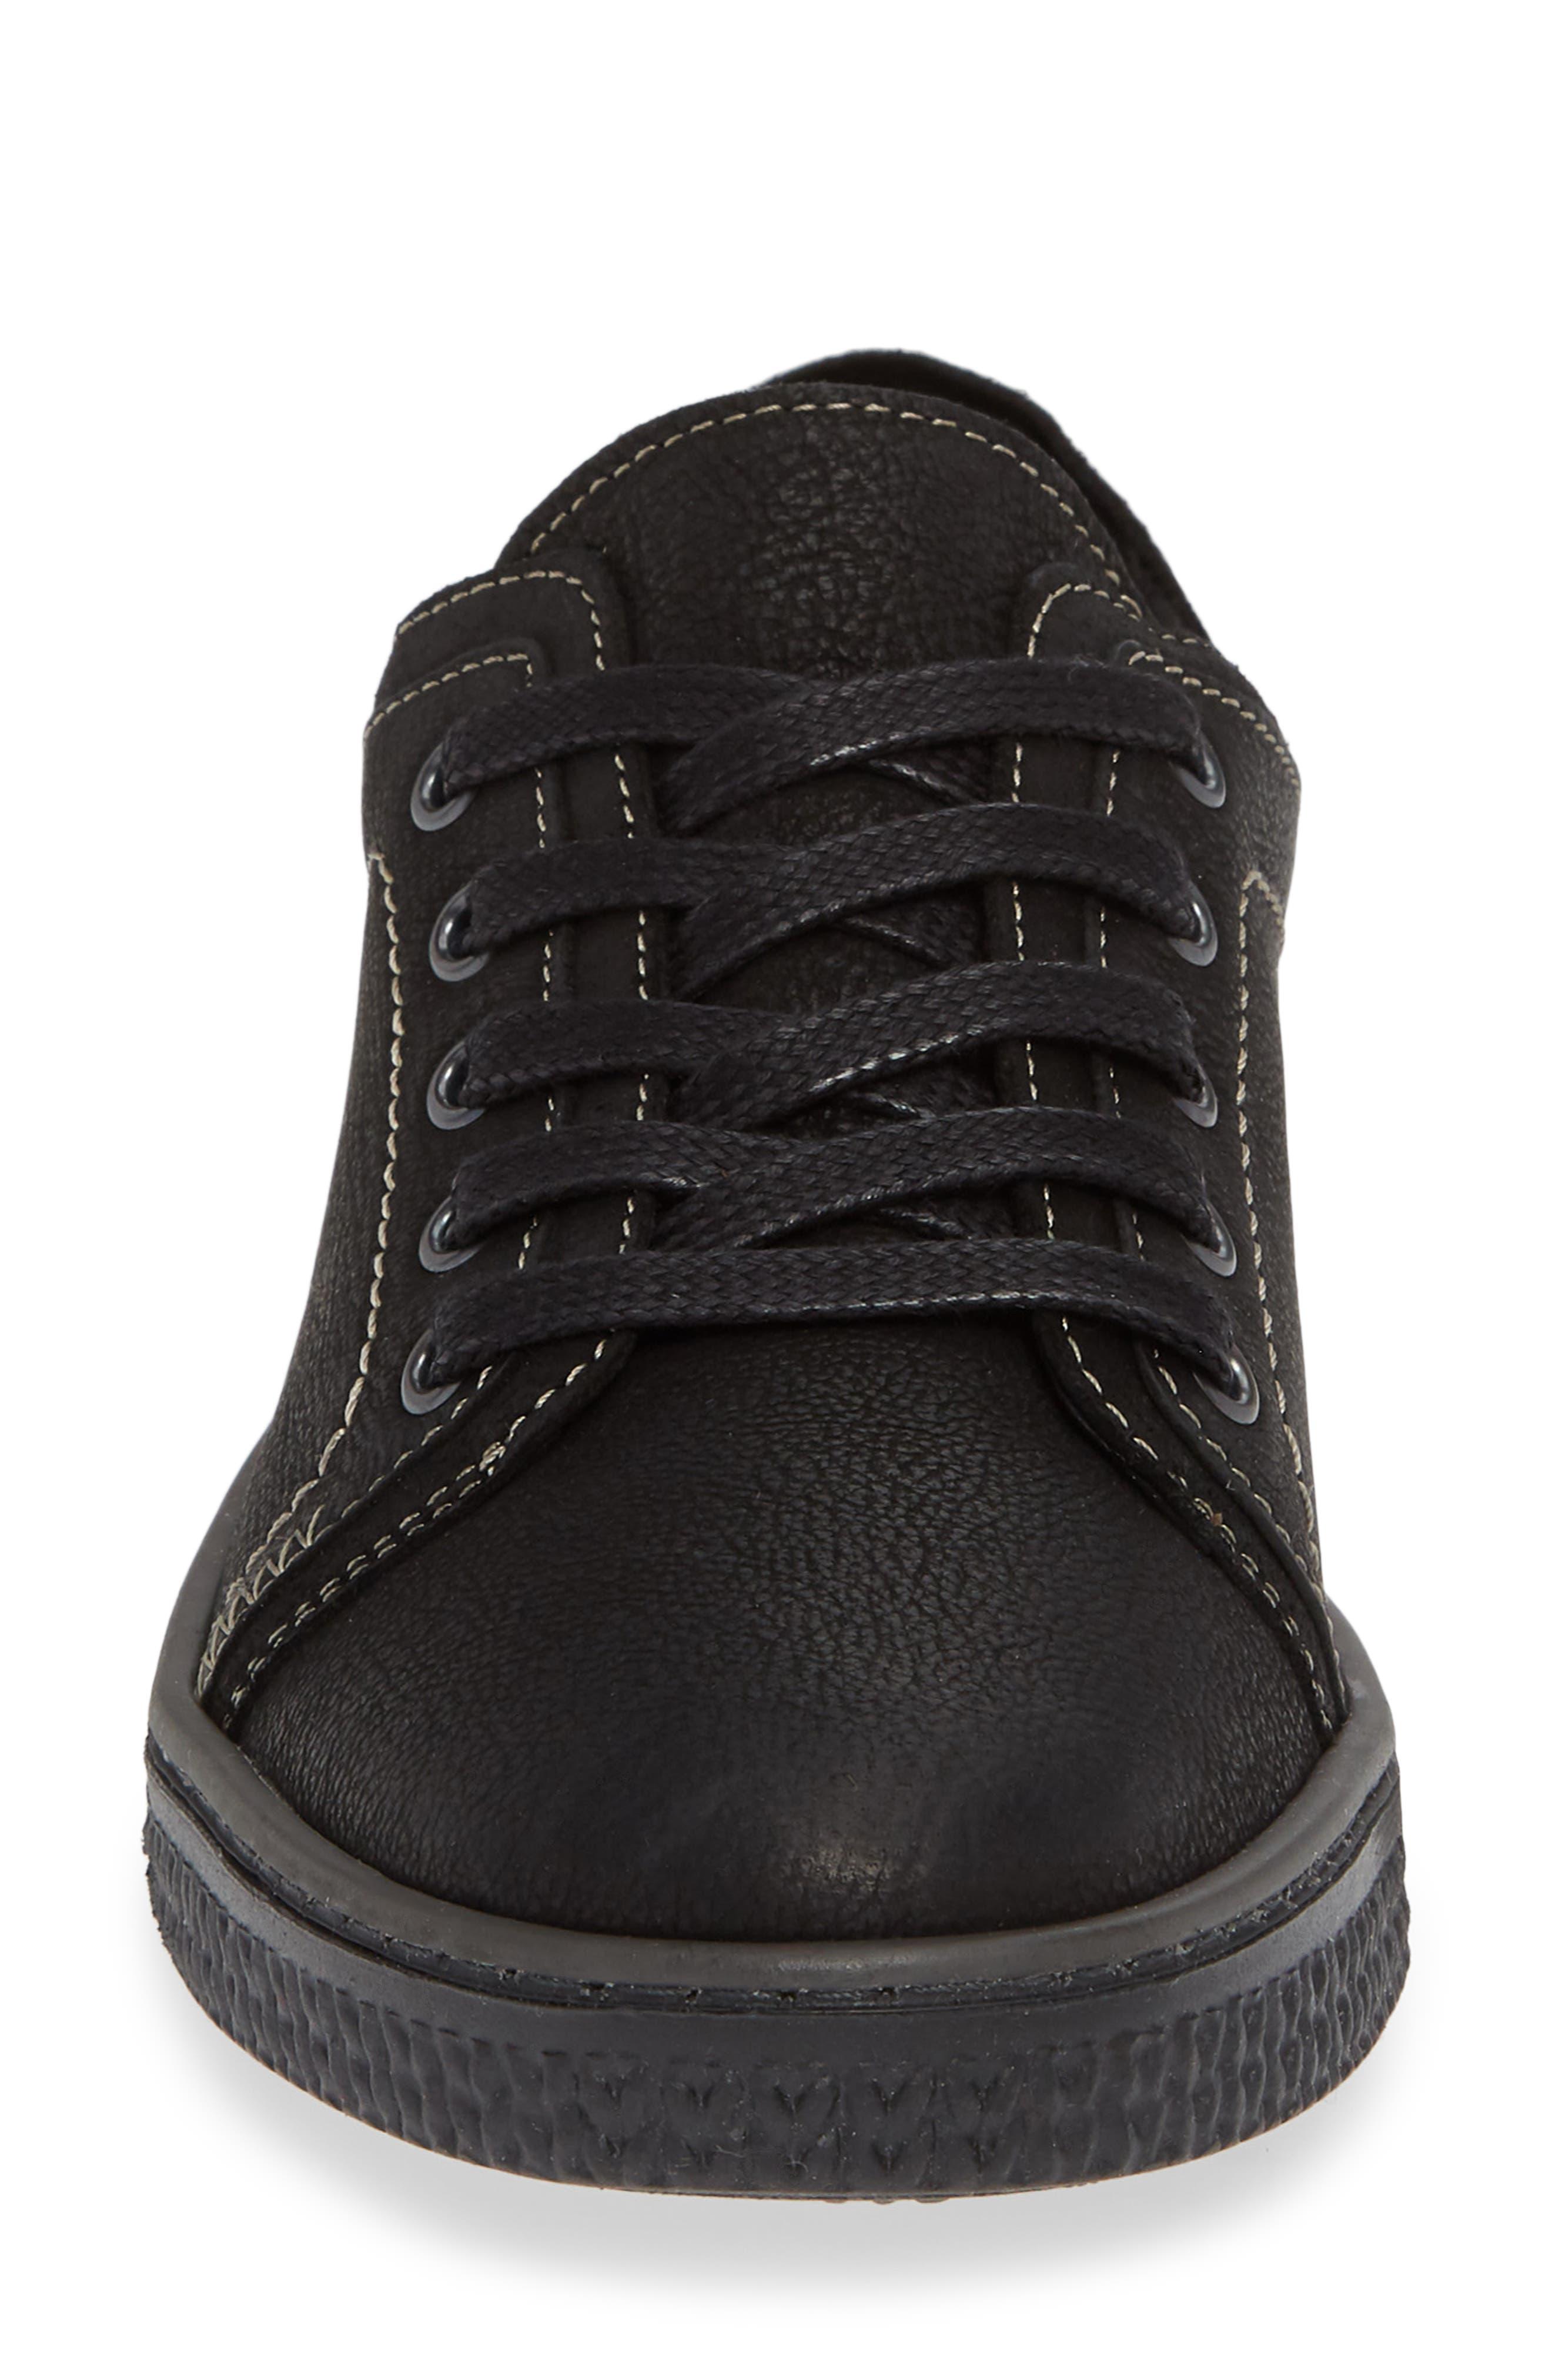 CLOUD, Nagano Low Top Sneaker, Alternate thumbnail 4, color, 001